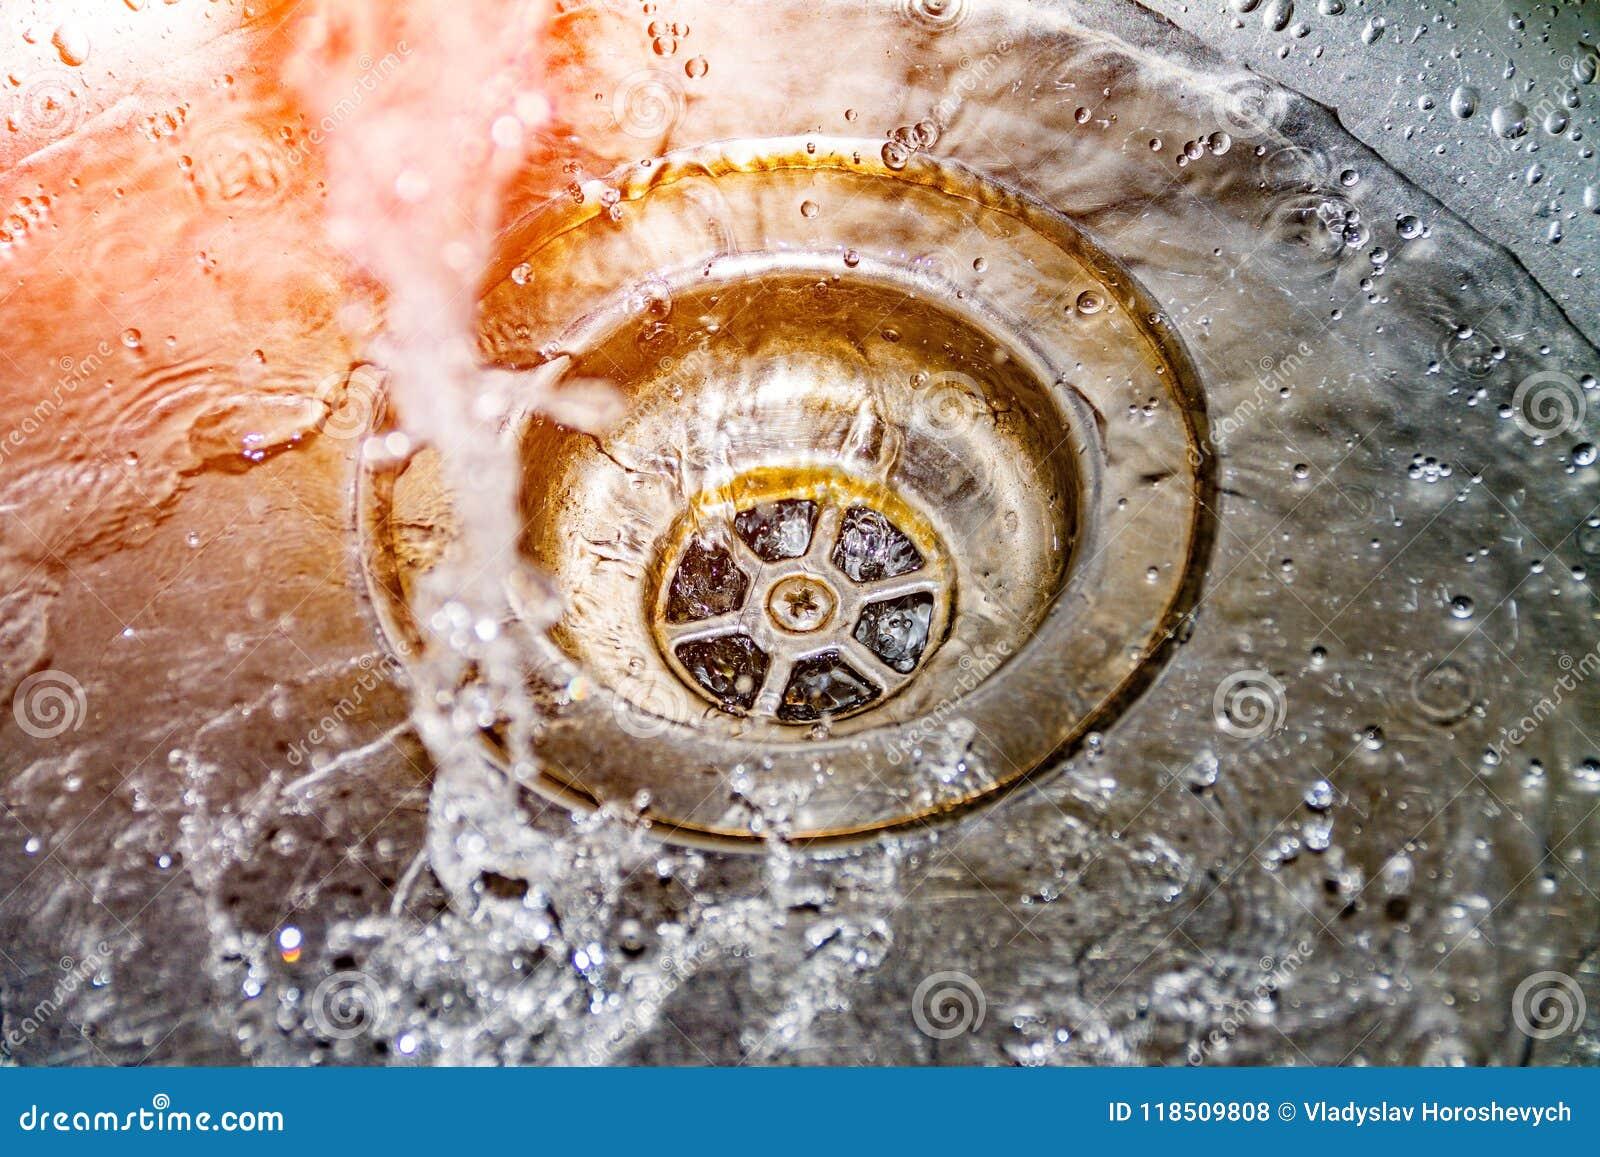 Het water voert in de gootsteen, gootsteen af en het lopende water voor de achtergrond, behandelt het water